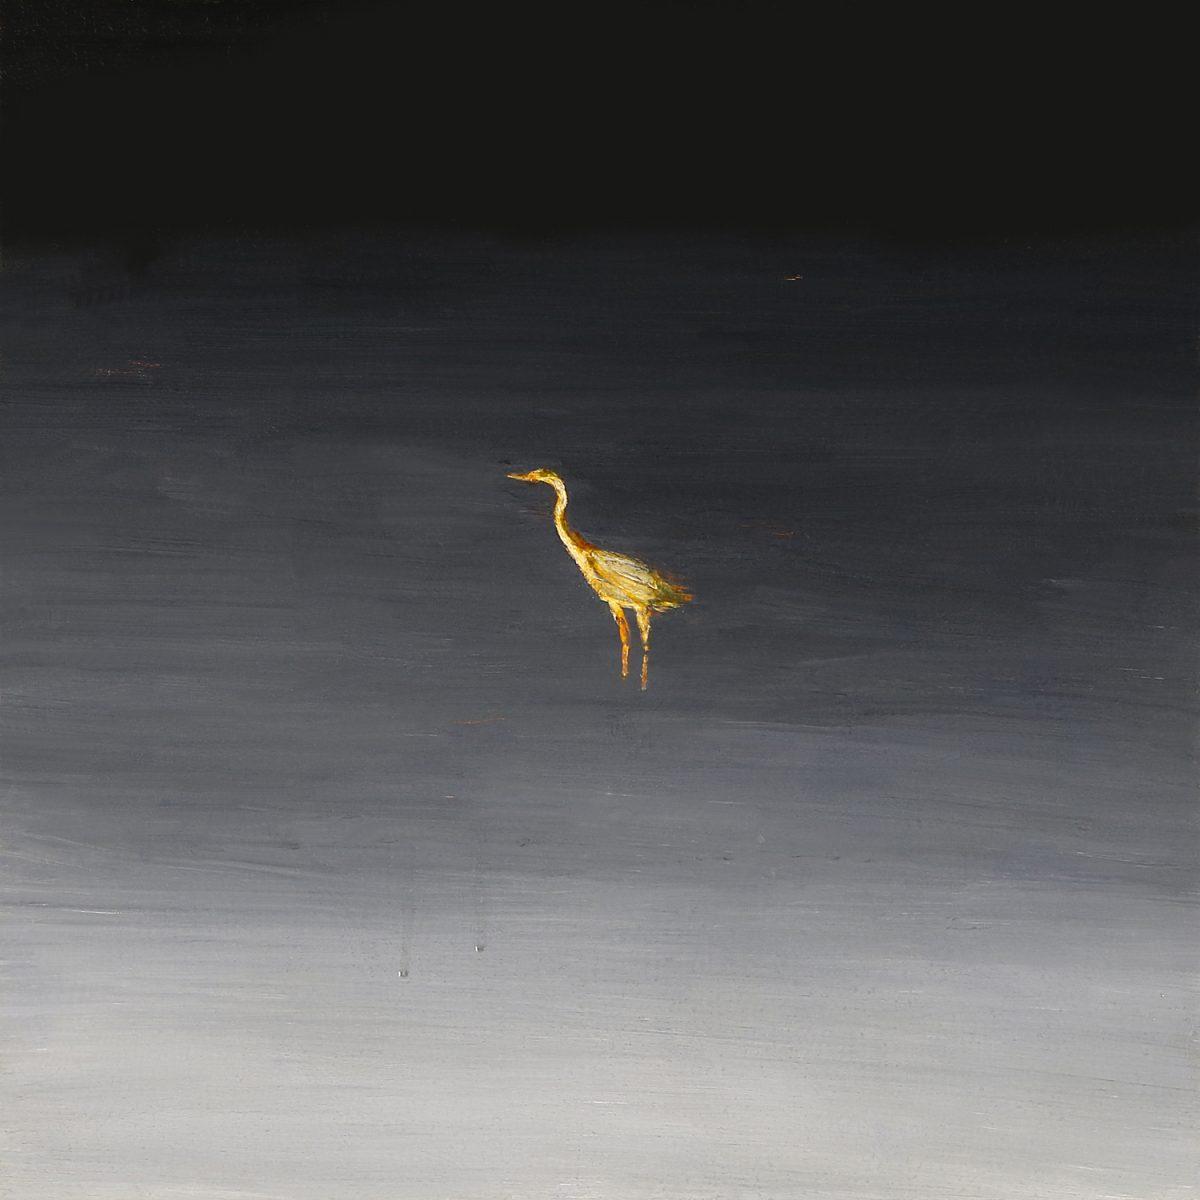 グレーの森の鳥 | 森田加奈子 Kanako MORITA